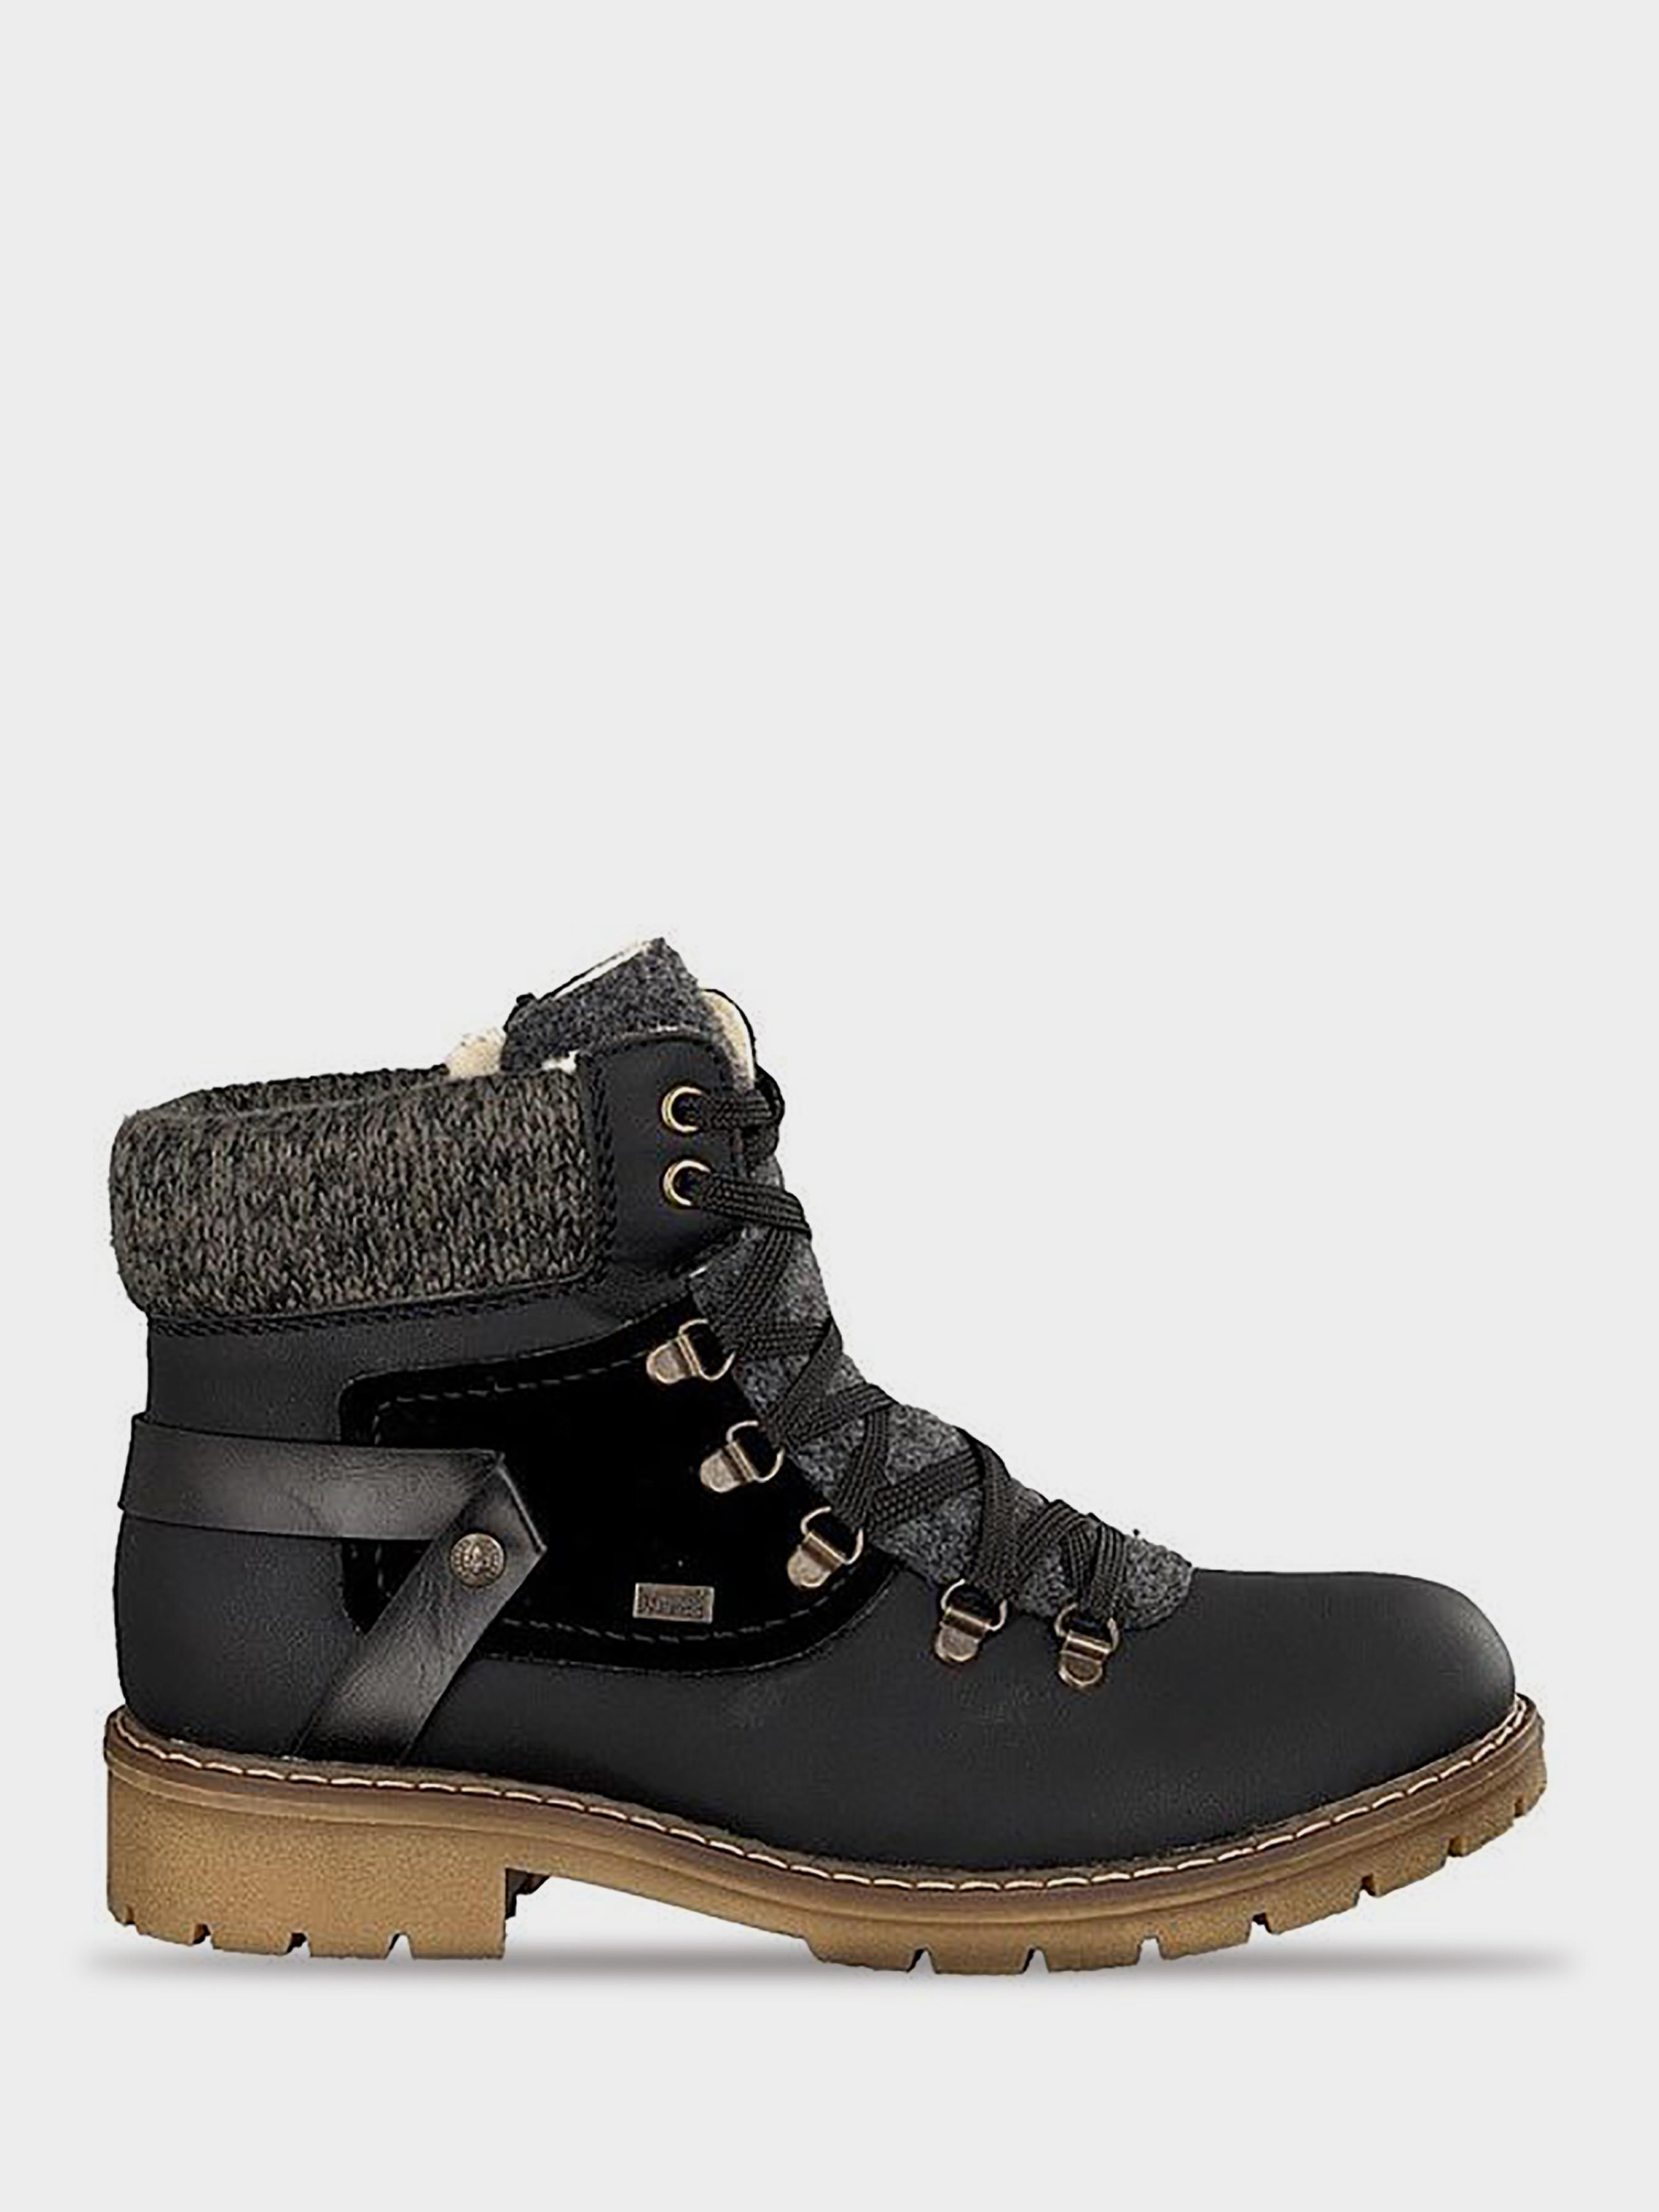 Купить Ботинки женские RIEKER RW1160, Черный